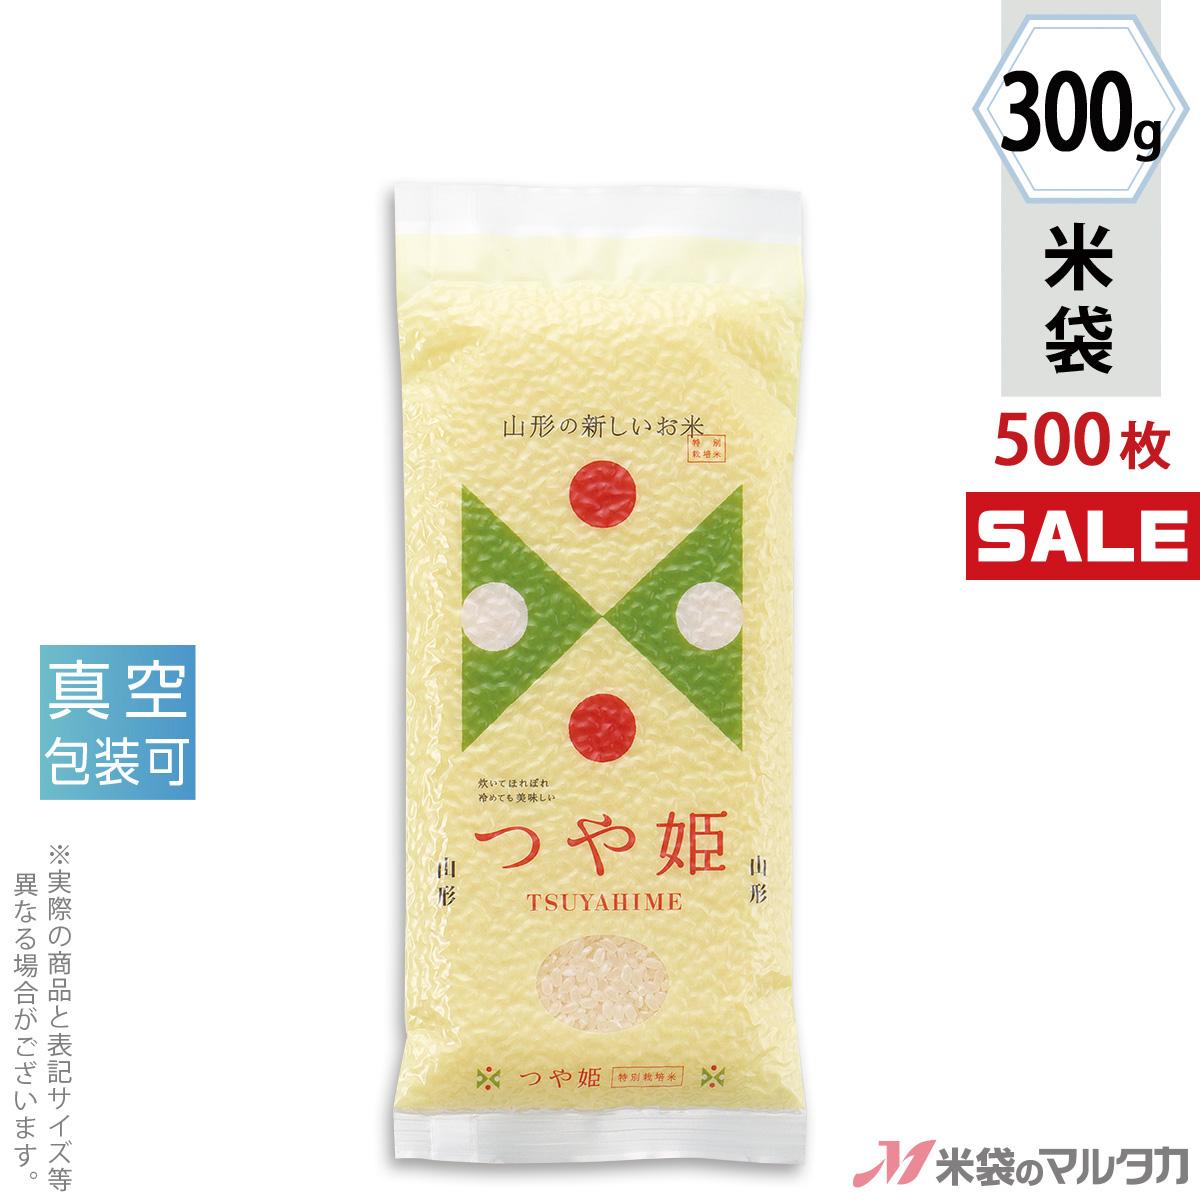 <キャンペーン対応>米袋 ラミ 真空合掌貼り平袋 特別栽培米 山形産つや姫 TSUYAHIME-5 300g用(2合) 1ケース(500枚入) VTN-405